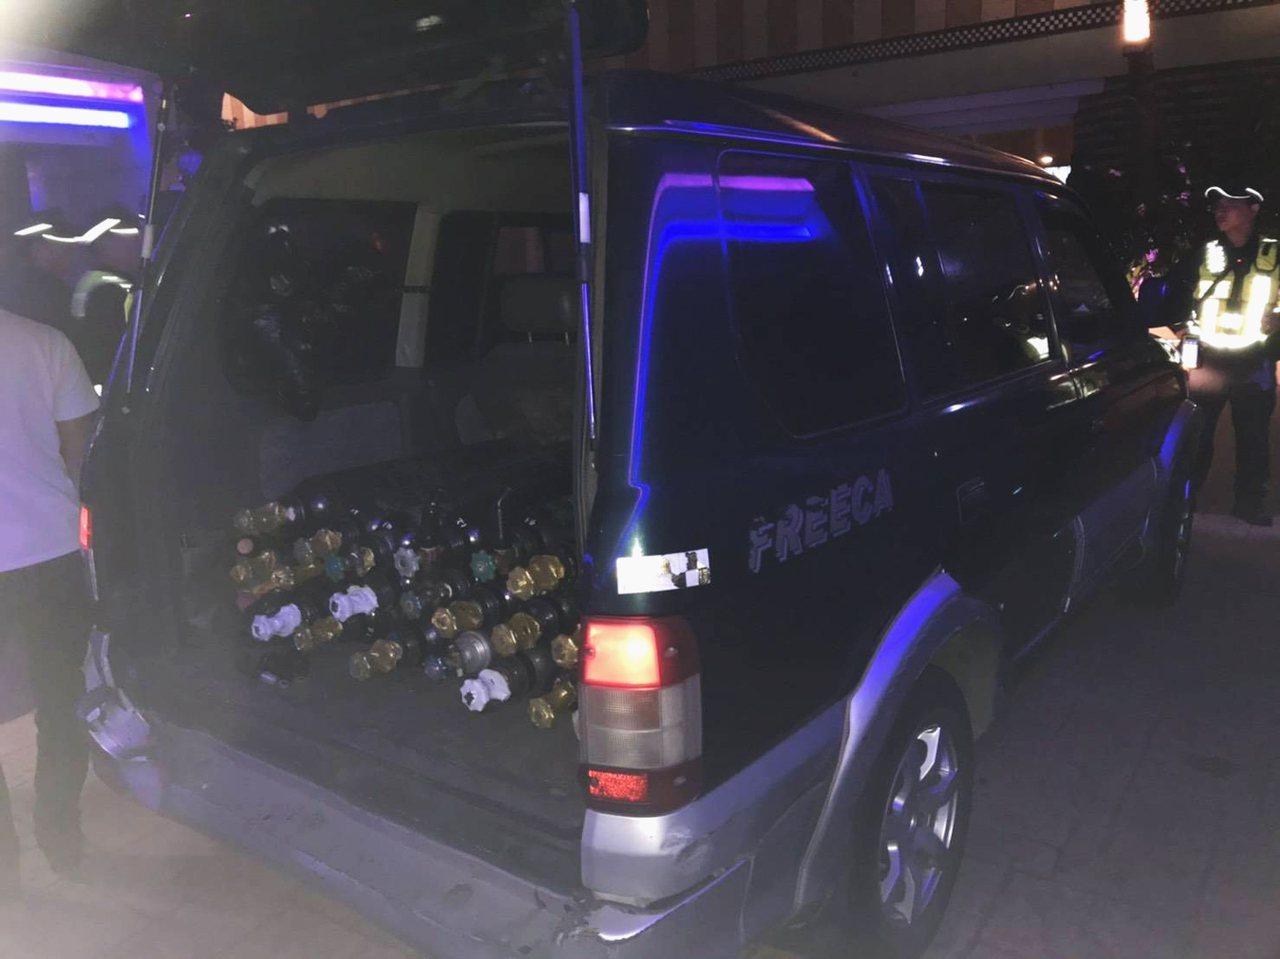 警方臨檢掃蕩不法查獲男子7人在汽車賓館使用笑氣、帶回笑氣20餘瓶偵辦。記者曾增勳...